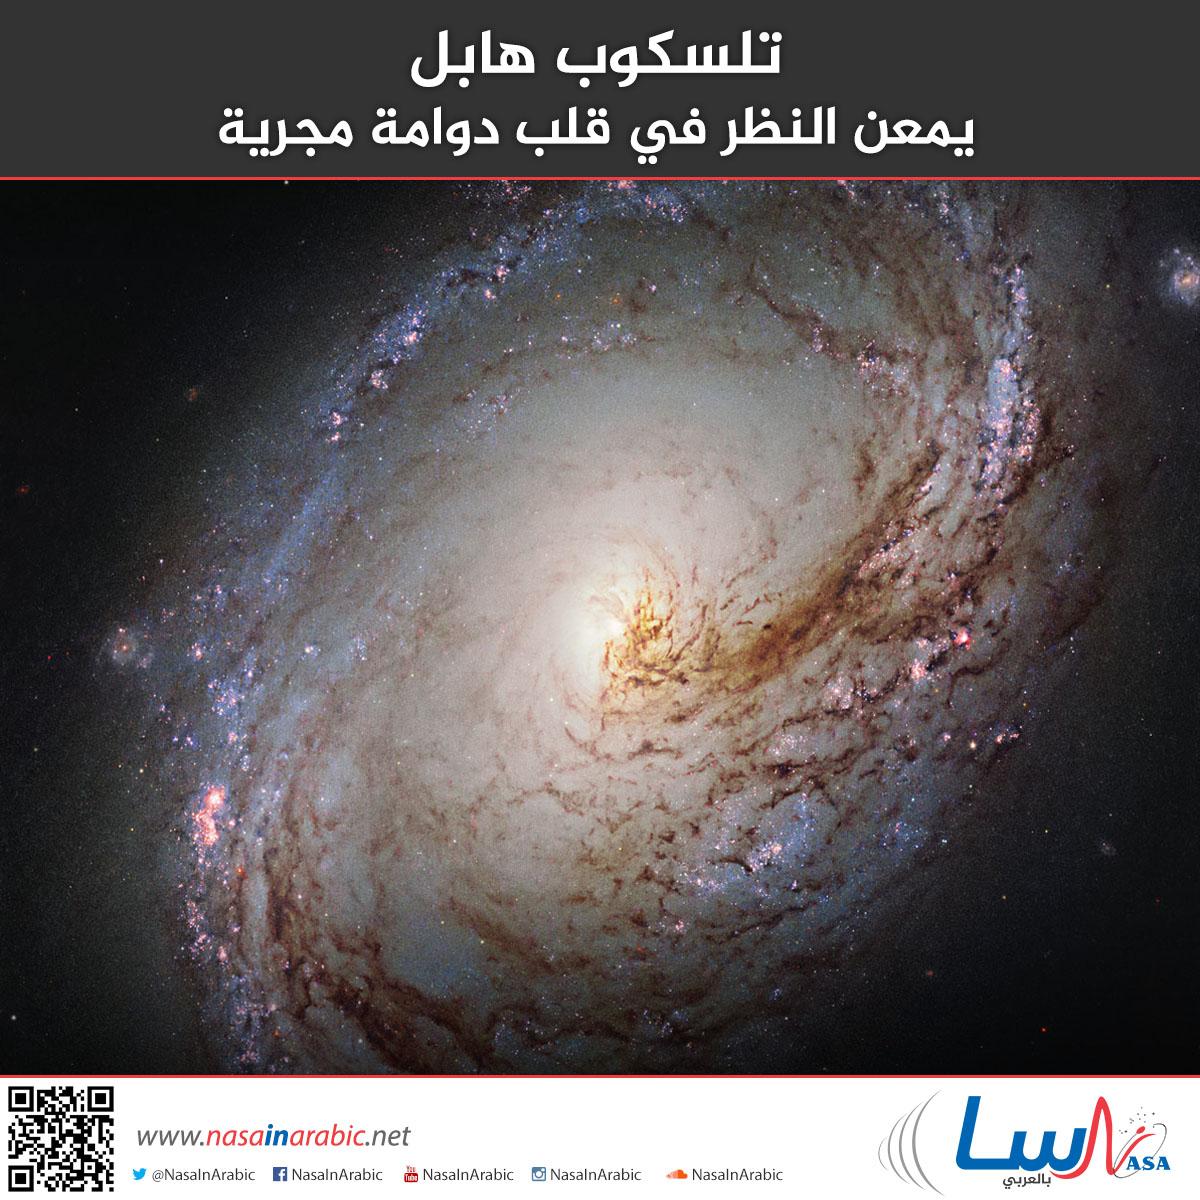 تلسكوب هابل يمعن النظر في قلب دوامة مجرية